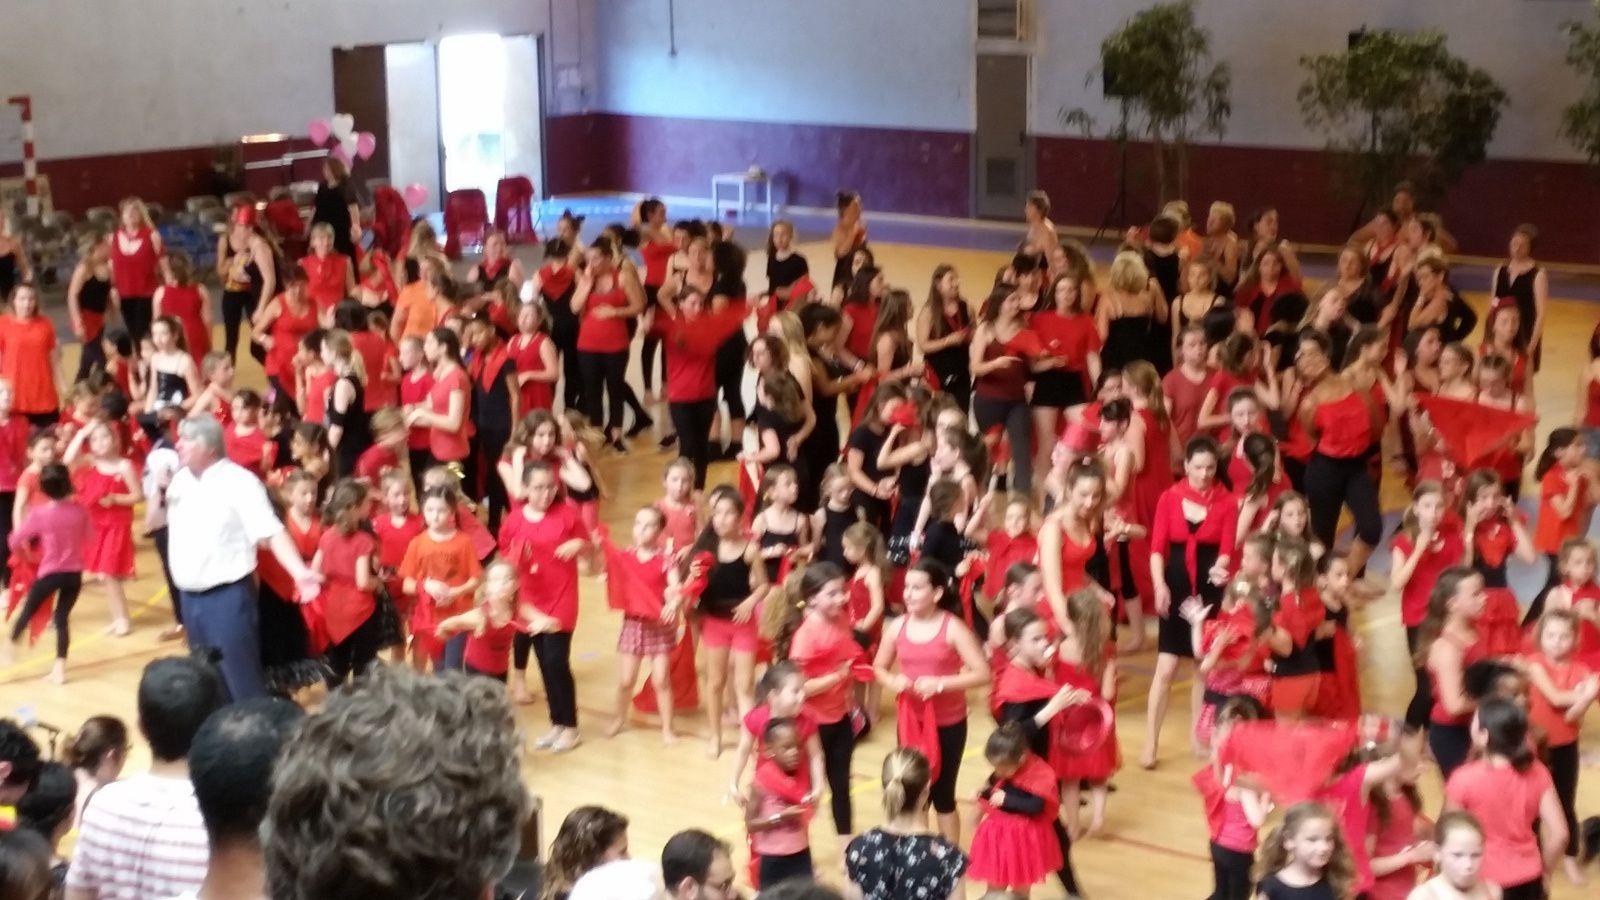 Gala du LSOC Colombes : un super spectacle à ne pas manquer pour les grands et les petits  !!